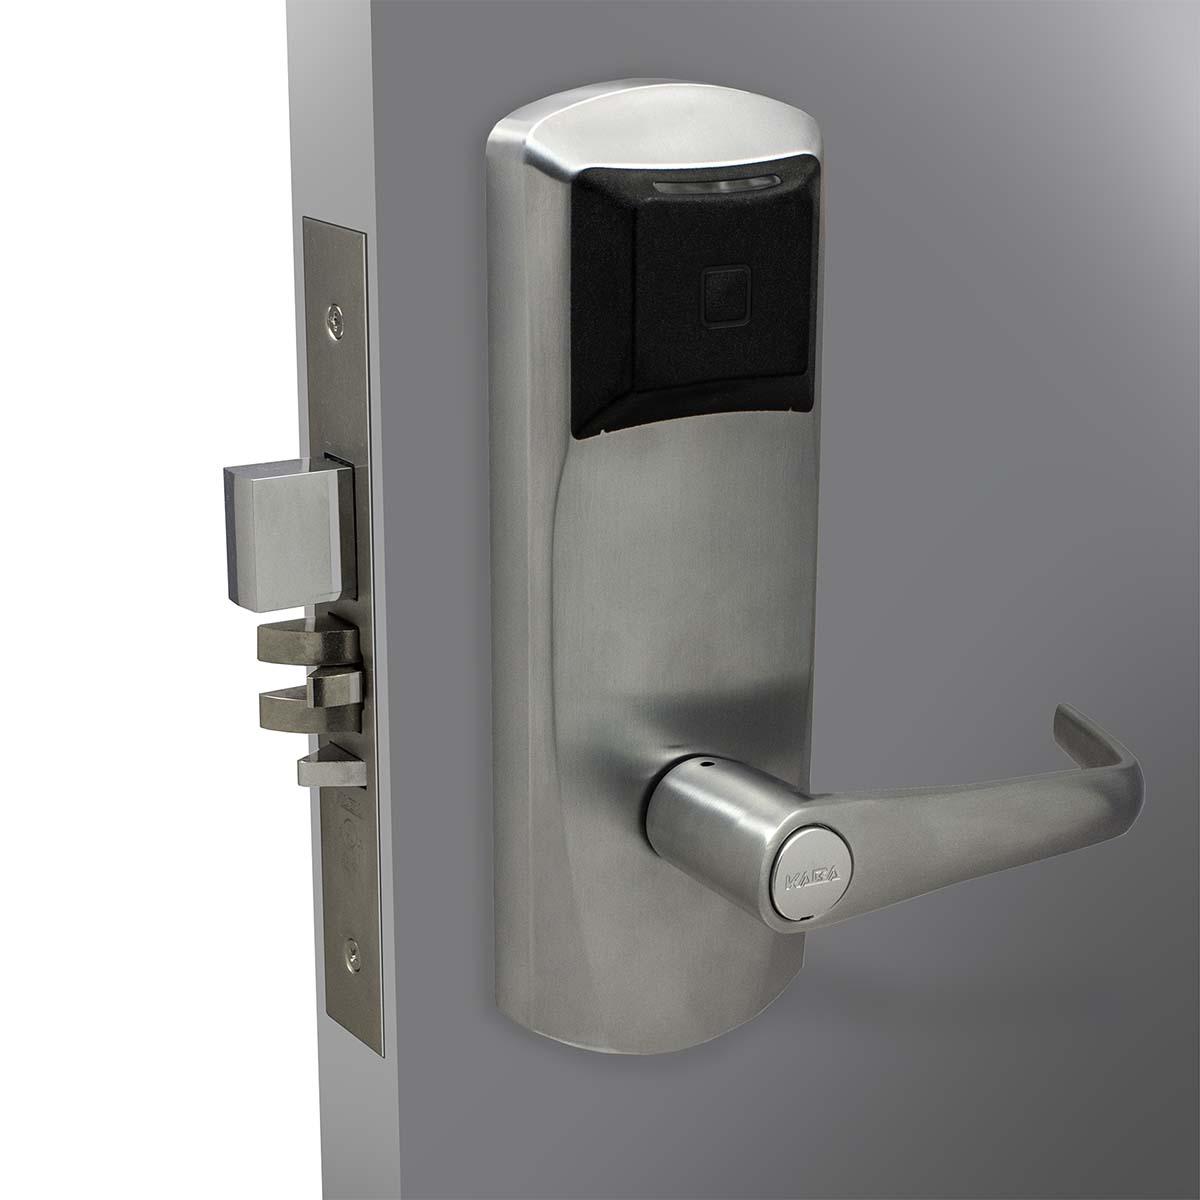 dormakaba RT Plus electronic RFID smart lock